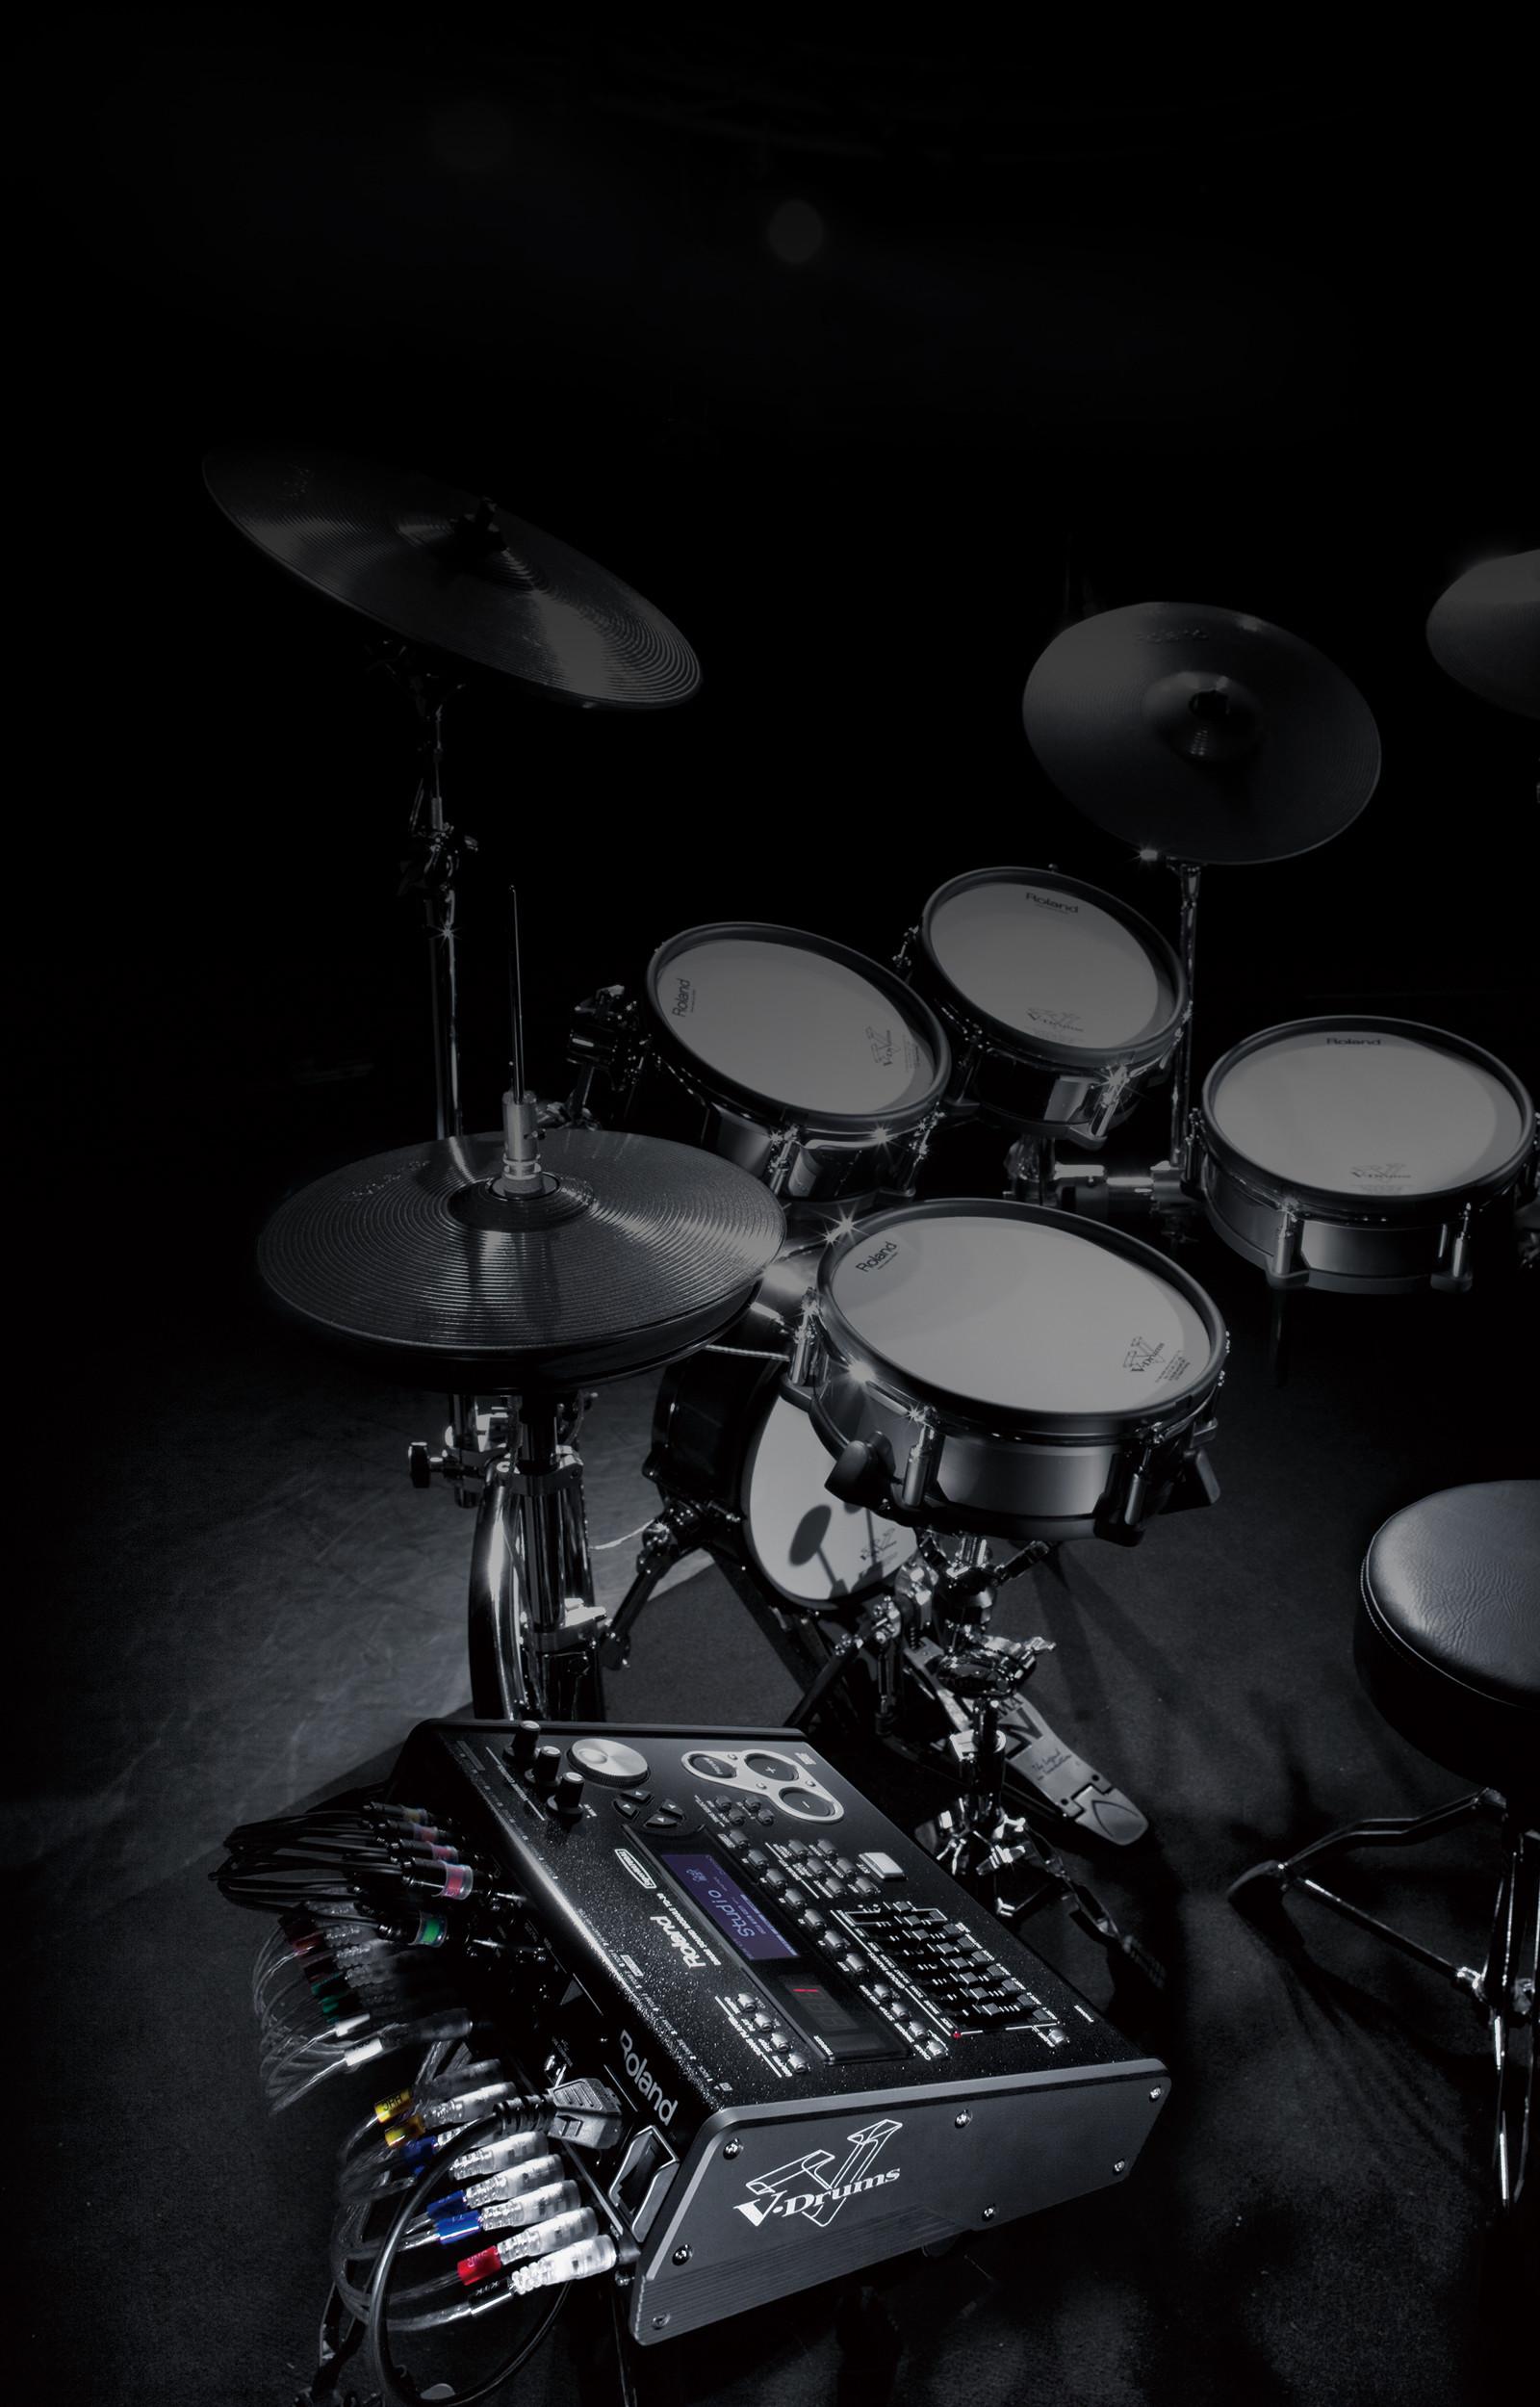 Res: 1600x2500, Snare Drum-Ständer, Hi Hat-Ständer und Kick-Pedal sind nicht enthalten und  werden nur für fotografische Zwecke abgebildet.